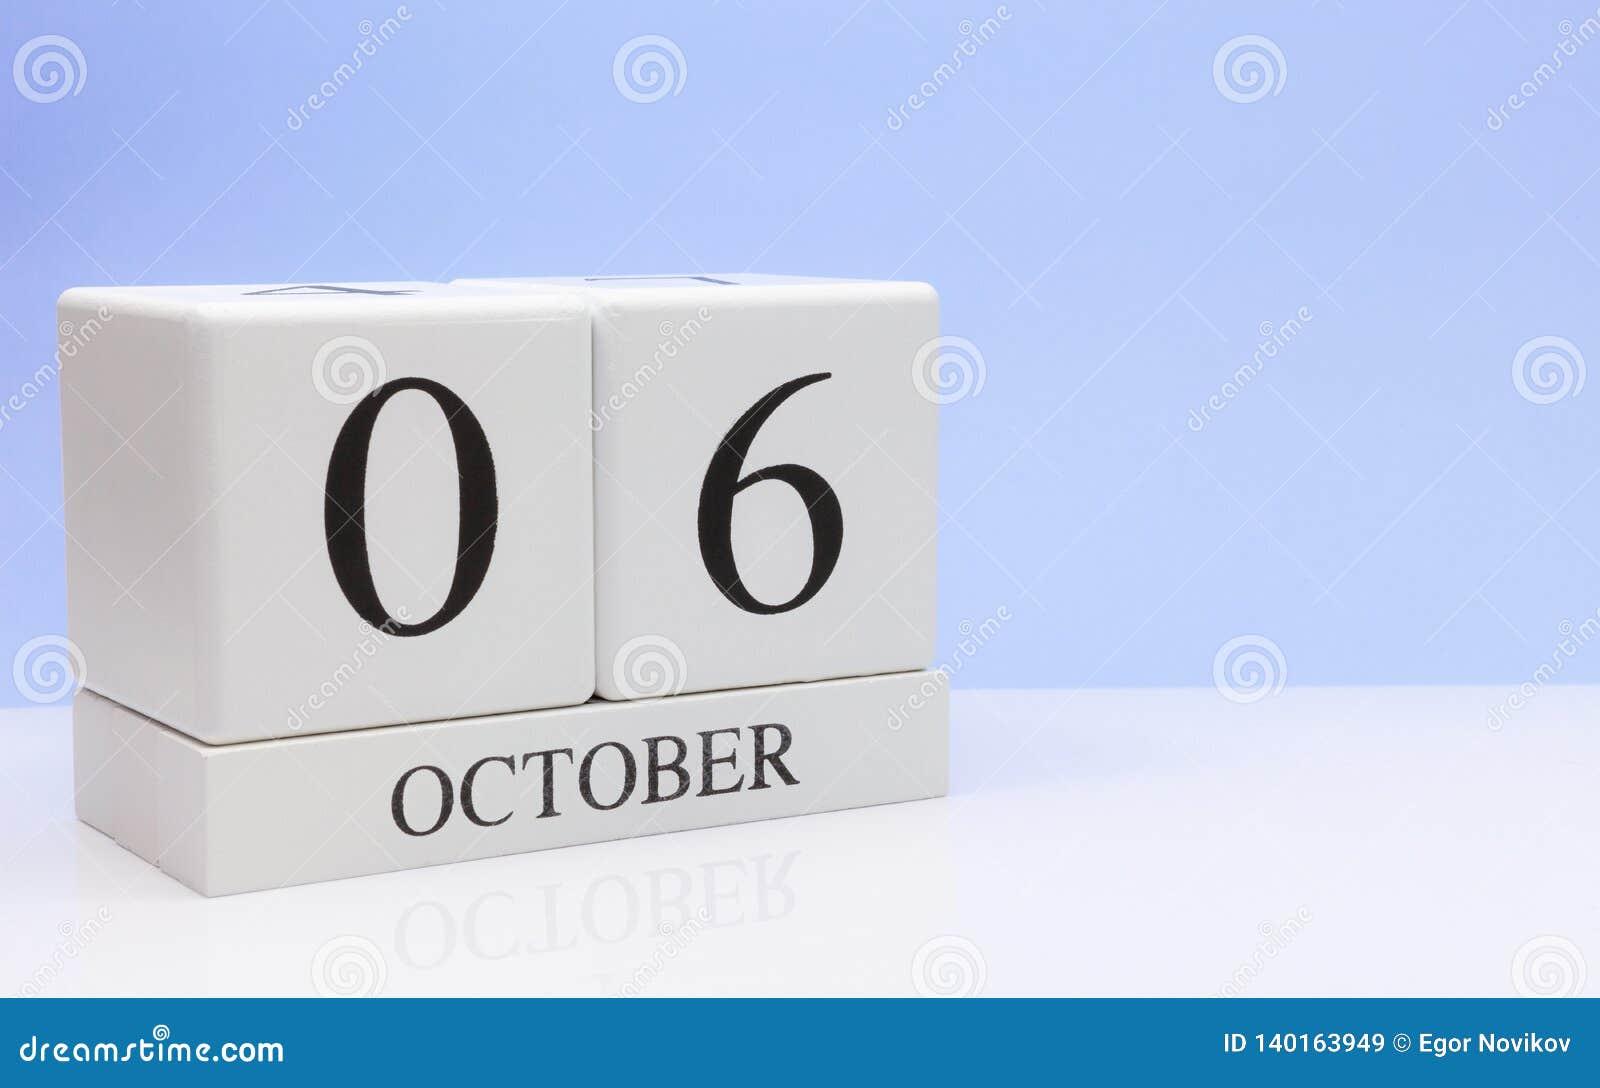 6 de outubro dia 6 do mês, calendário diário na tabela branca com reflexão, com claro - fundo azul Tempo do outono, espaço vazio